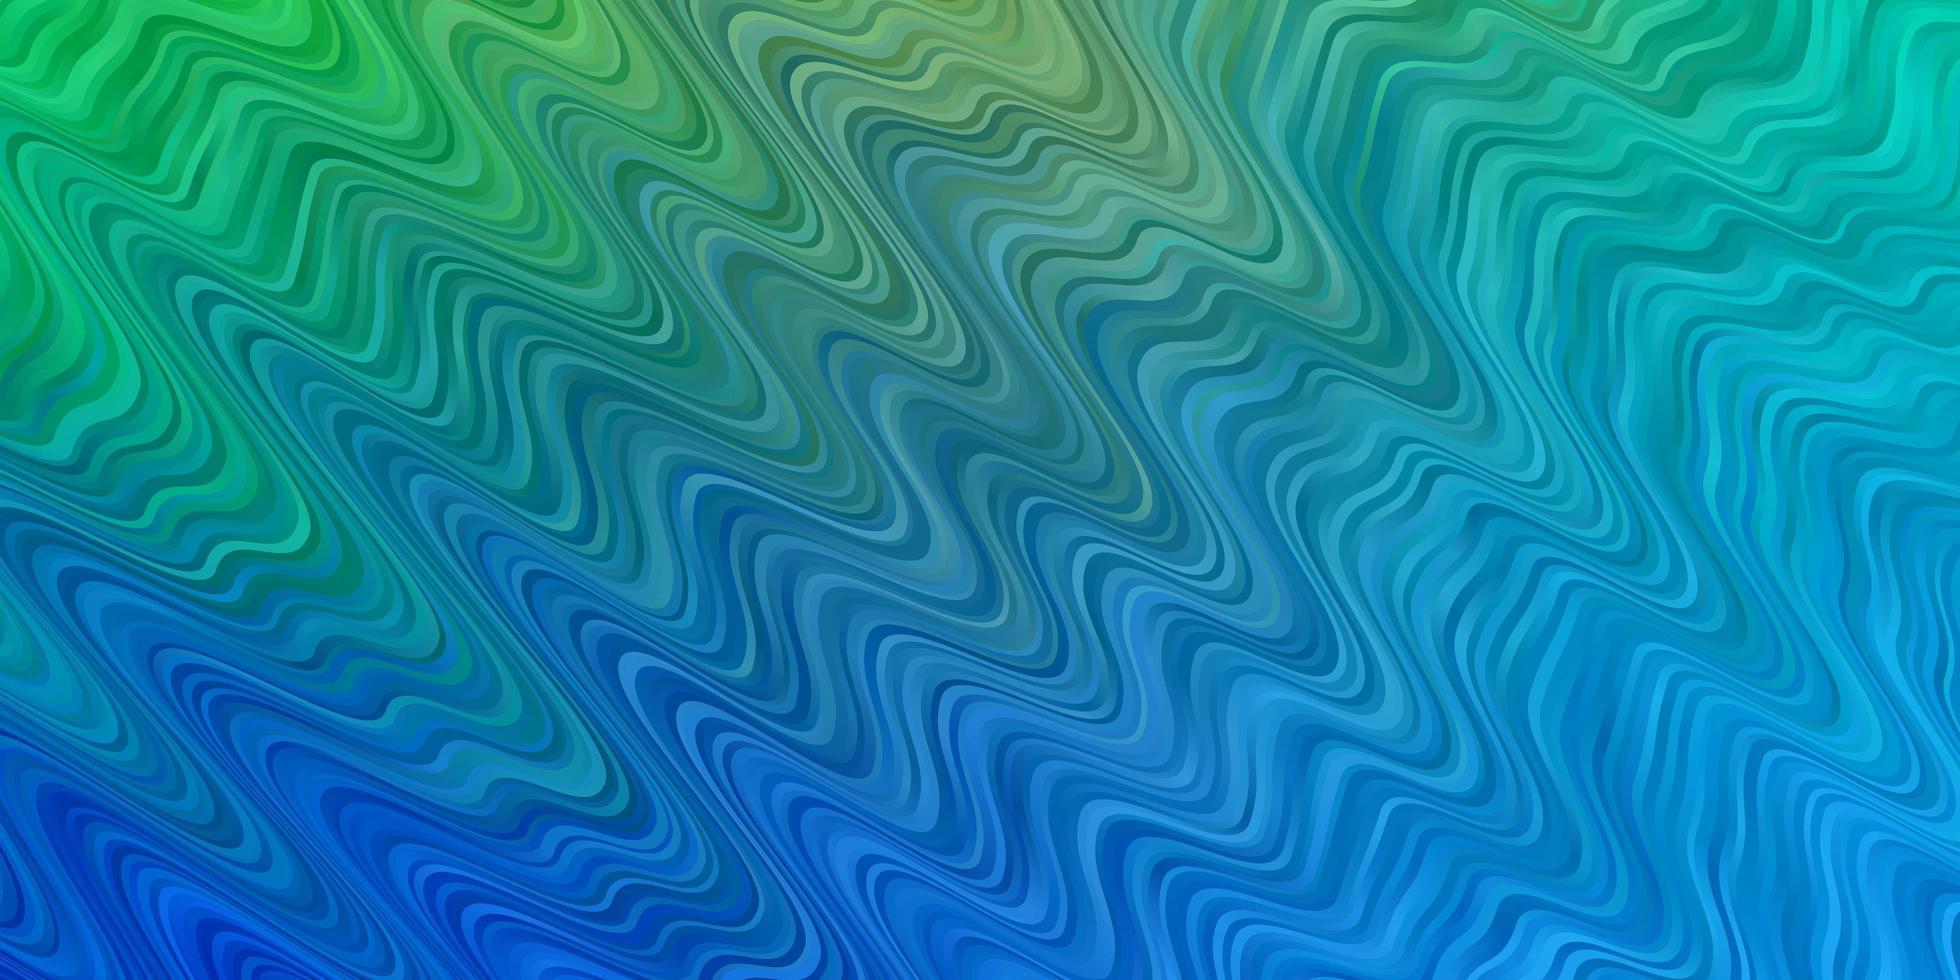 modello azzurro, verde con linee. vettore